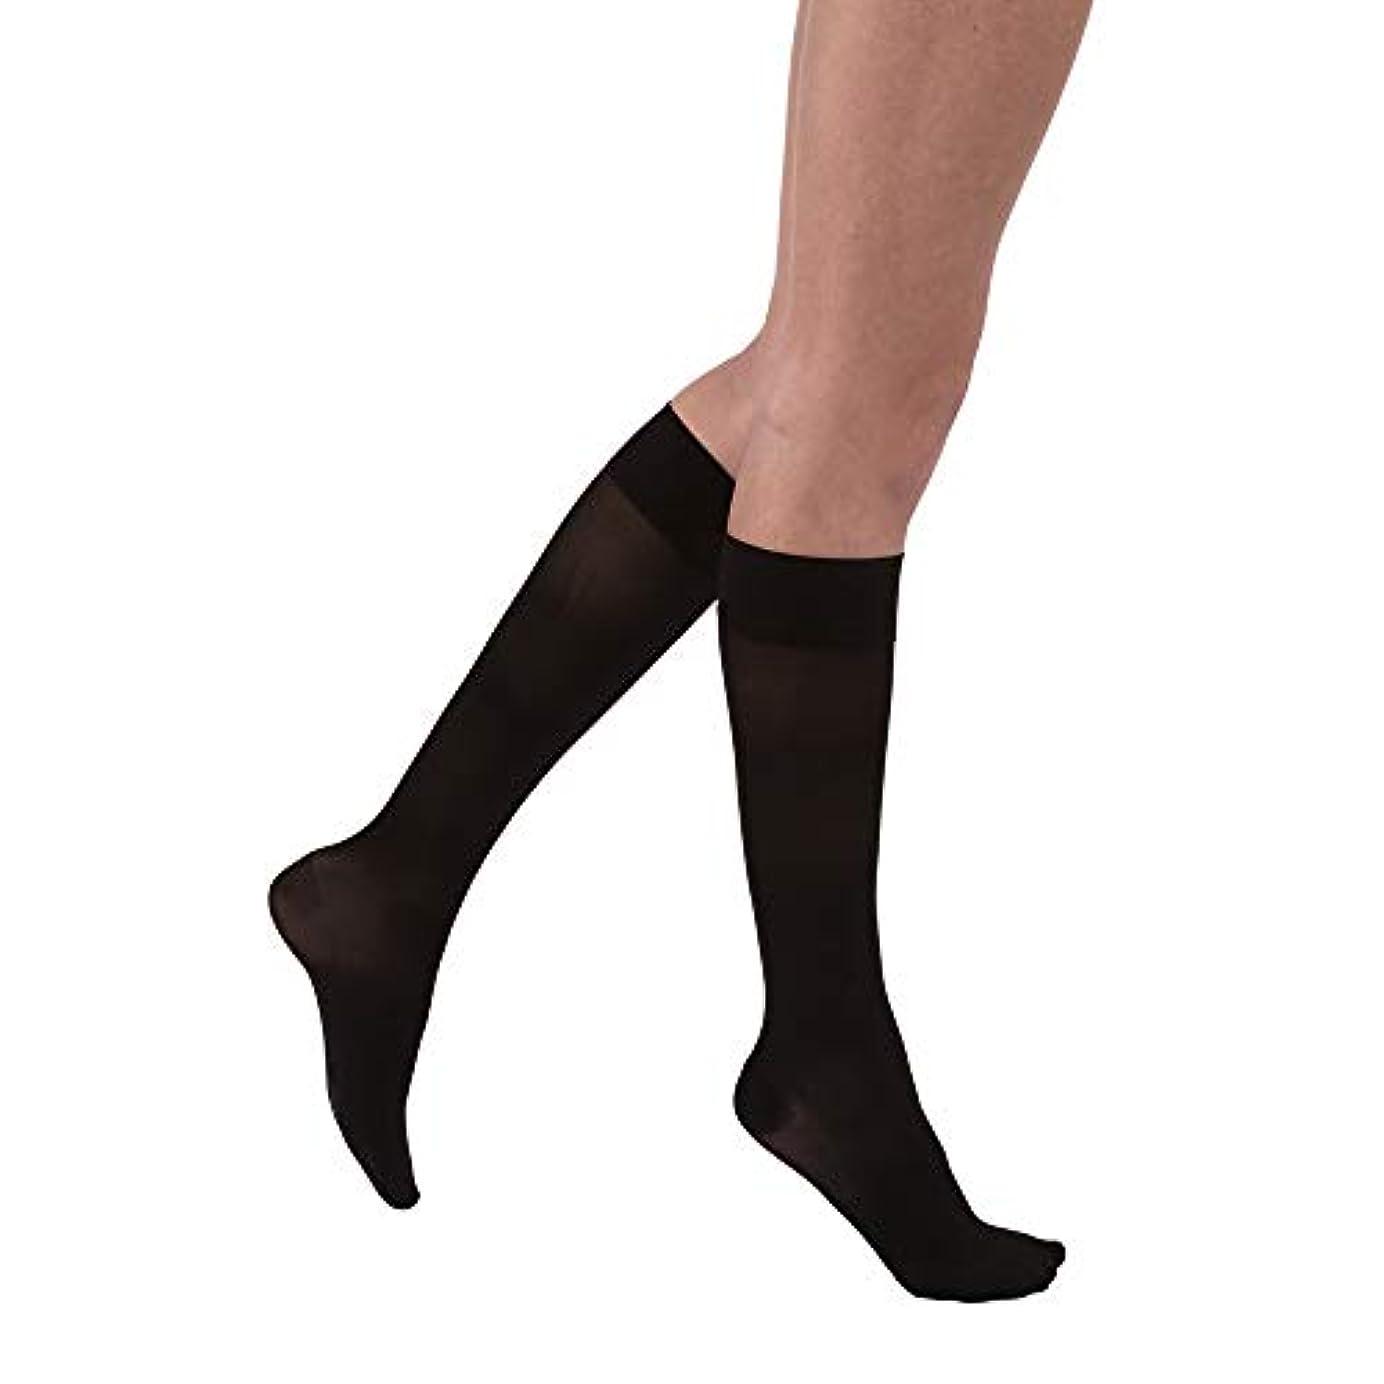 ご意見メーカークールJobst 119625 Ultrasheer Knee Highs PETITE 30-40 mmHg - 15 in. or less - Size & Color- Classic Black Medium